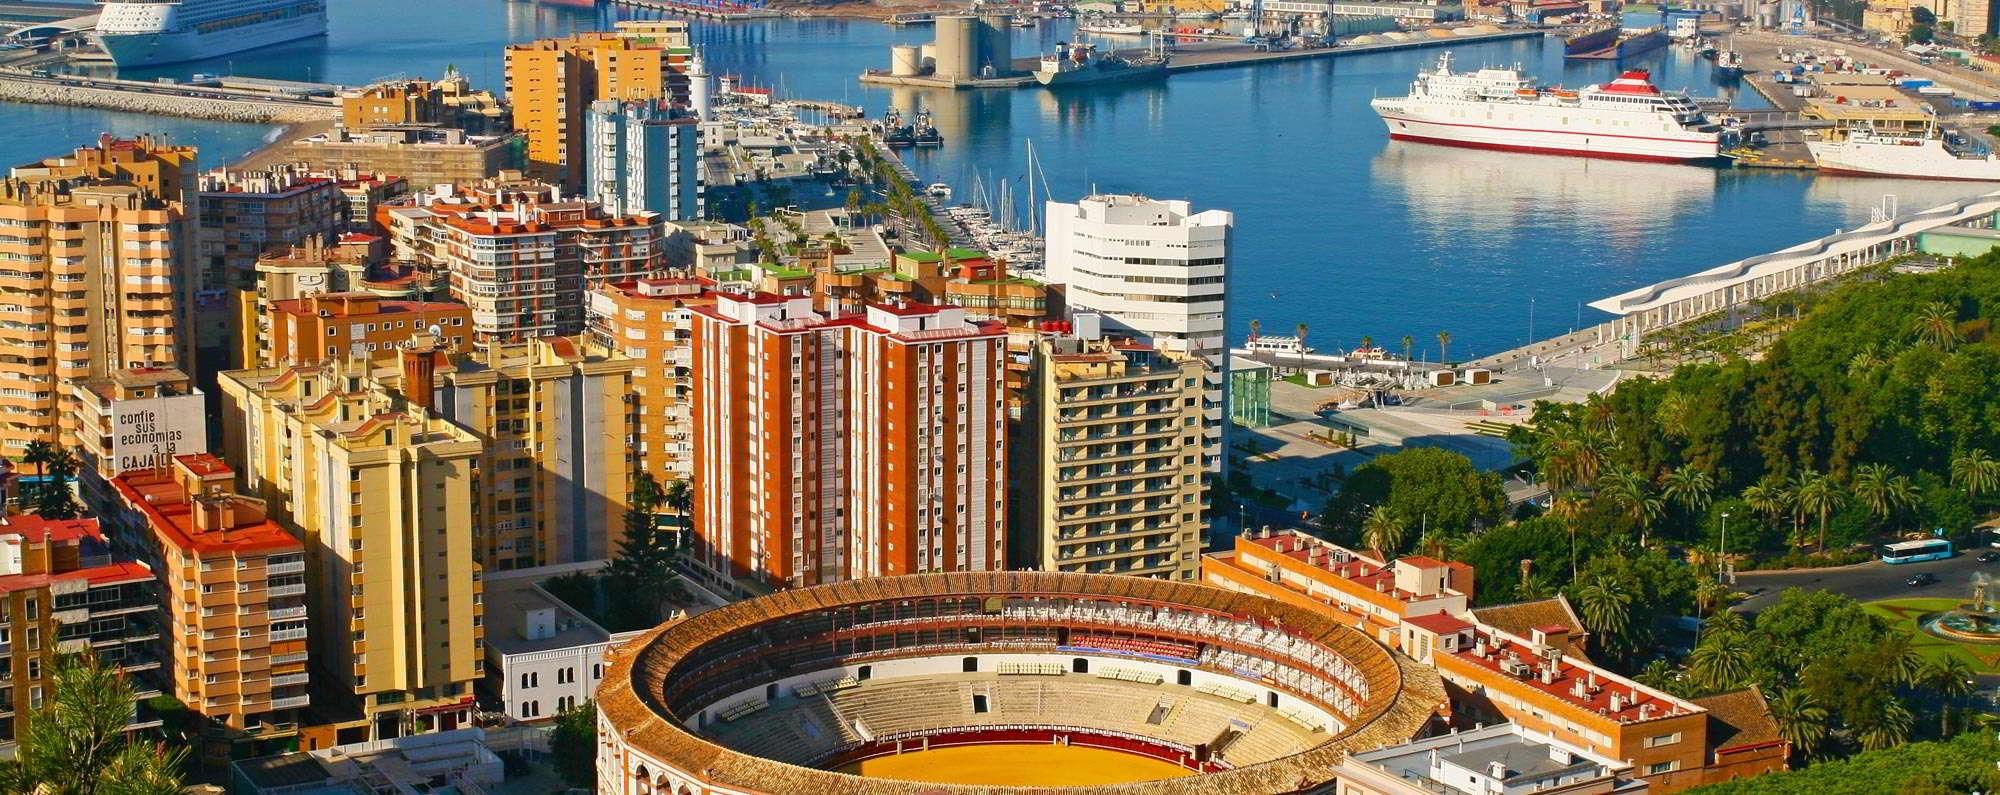 Alquiler de barcos en Málaga